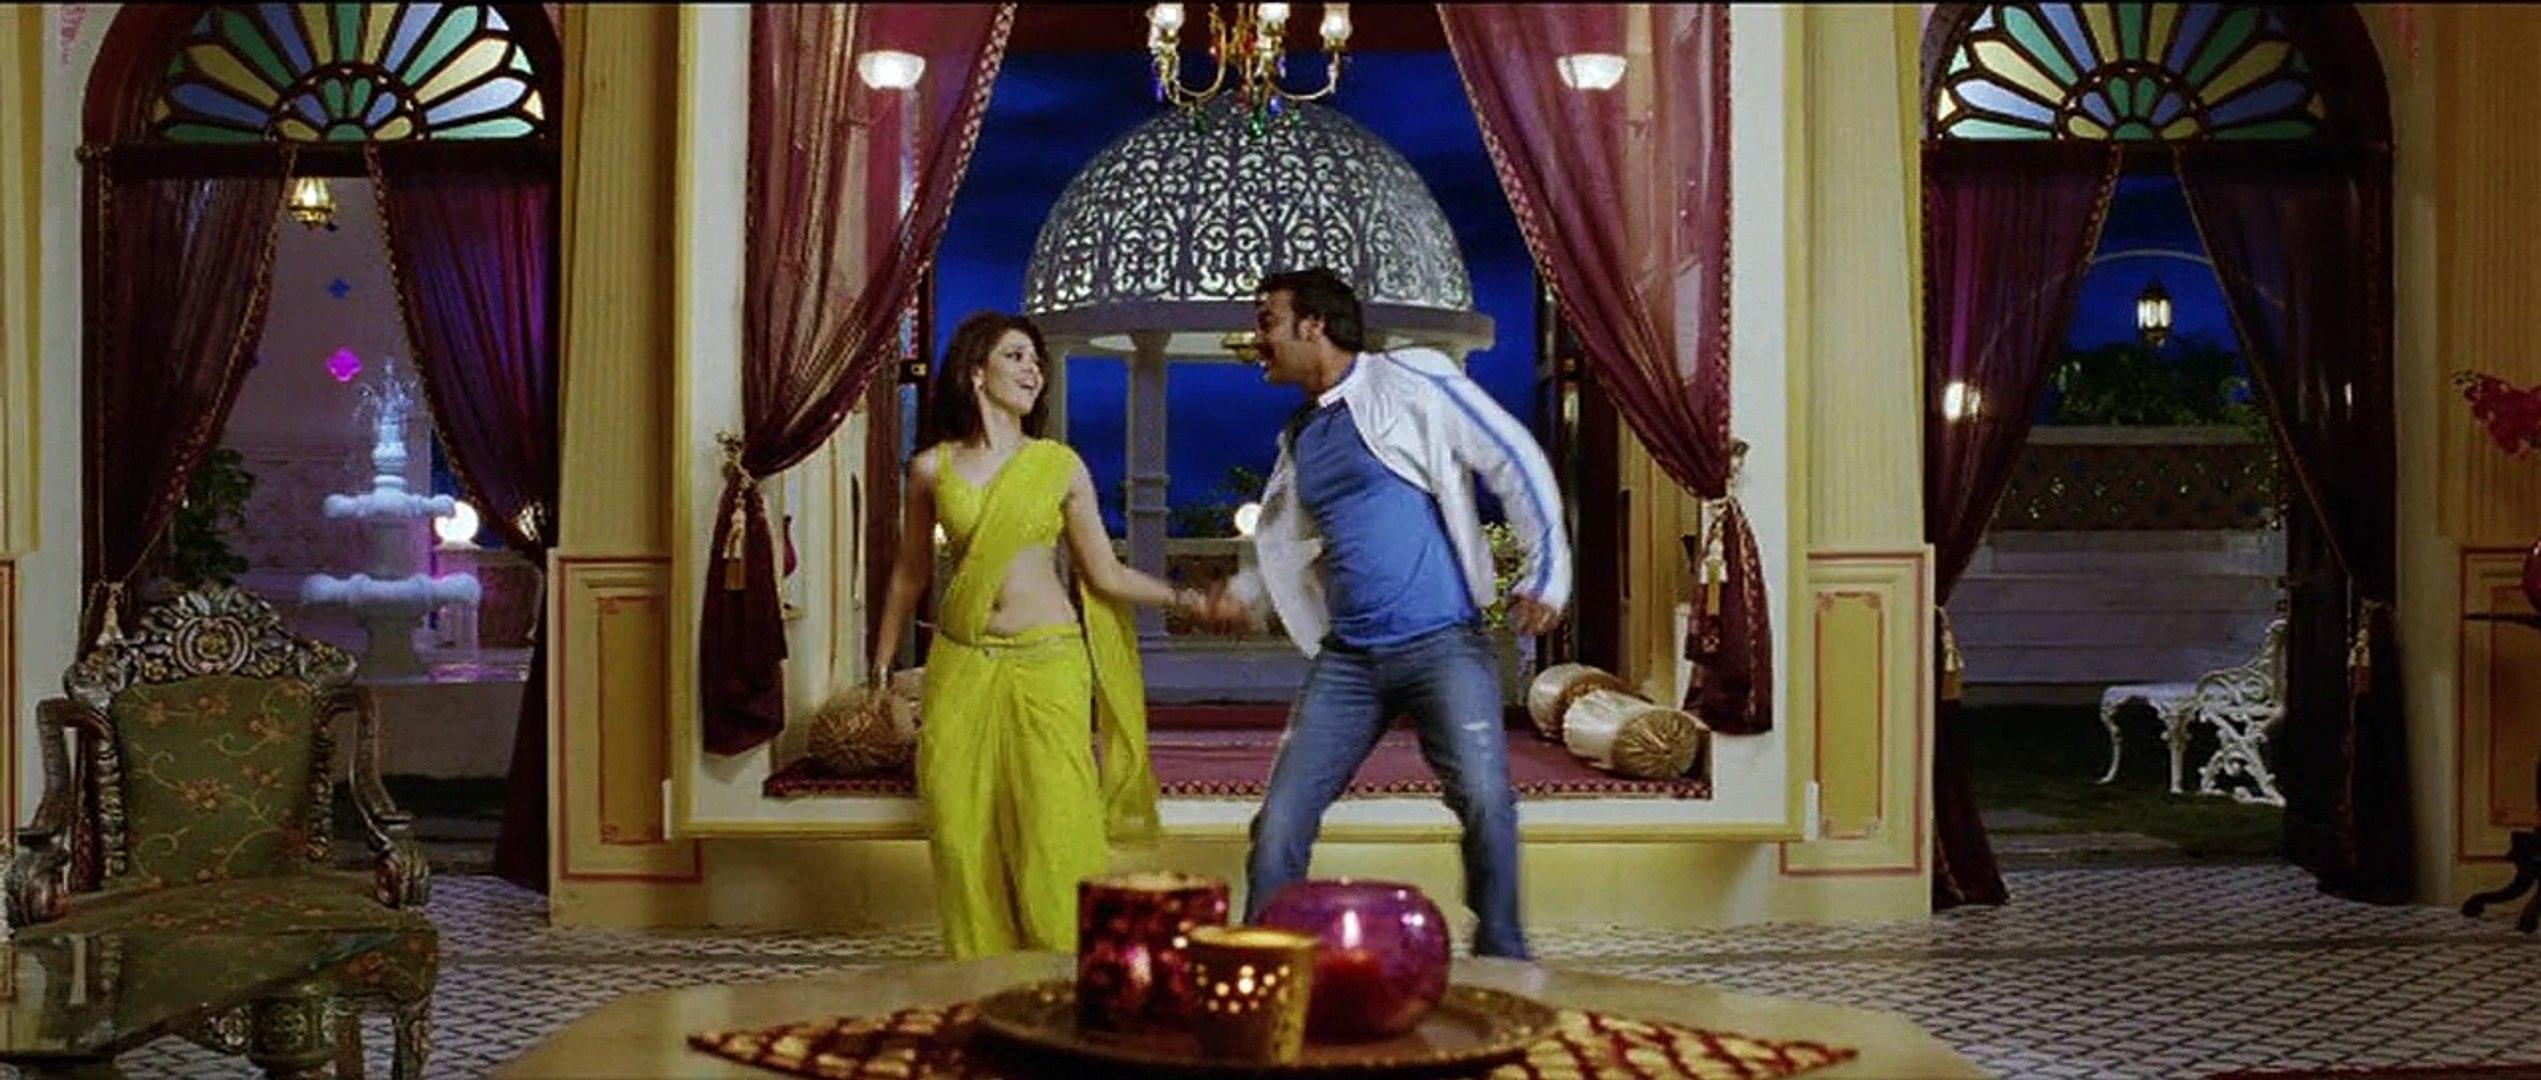 Taki Taki Hindi Video Song - Himmatwala (2013)   Ajay Devgan, Tamannaah Bhatia, Paresh Rawal, Mahesh